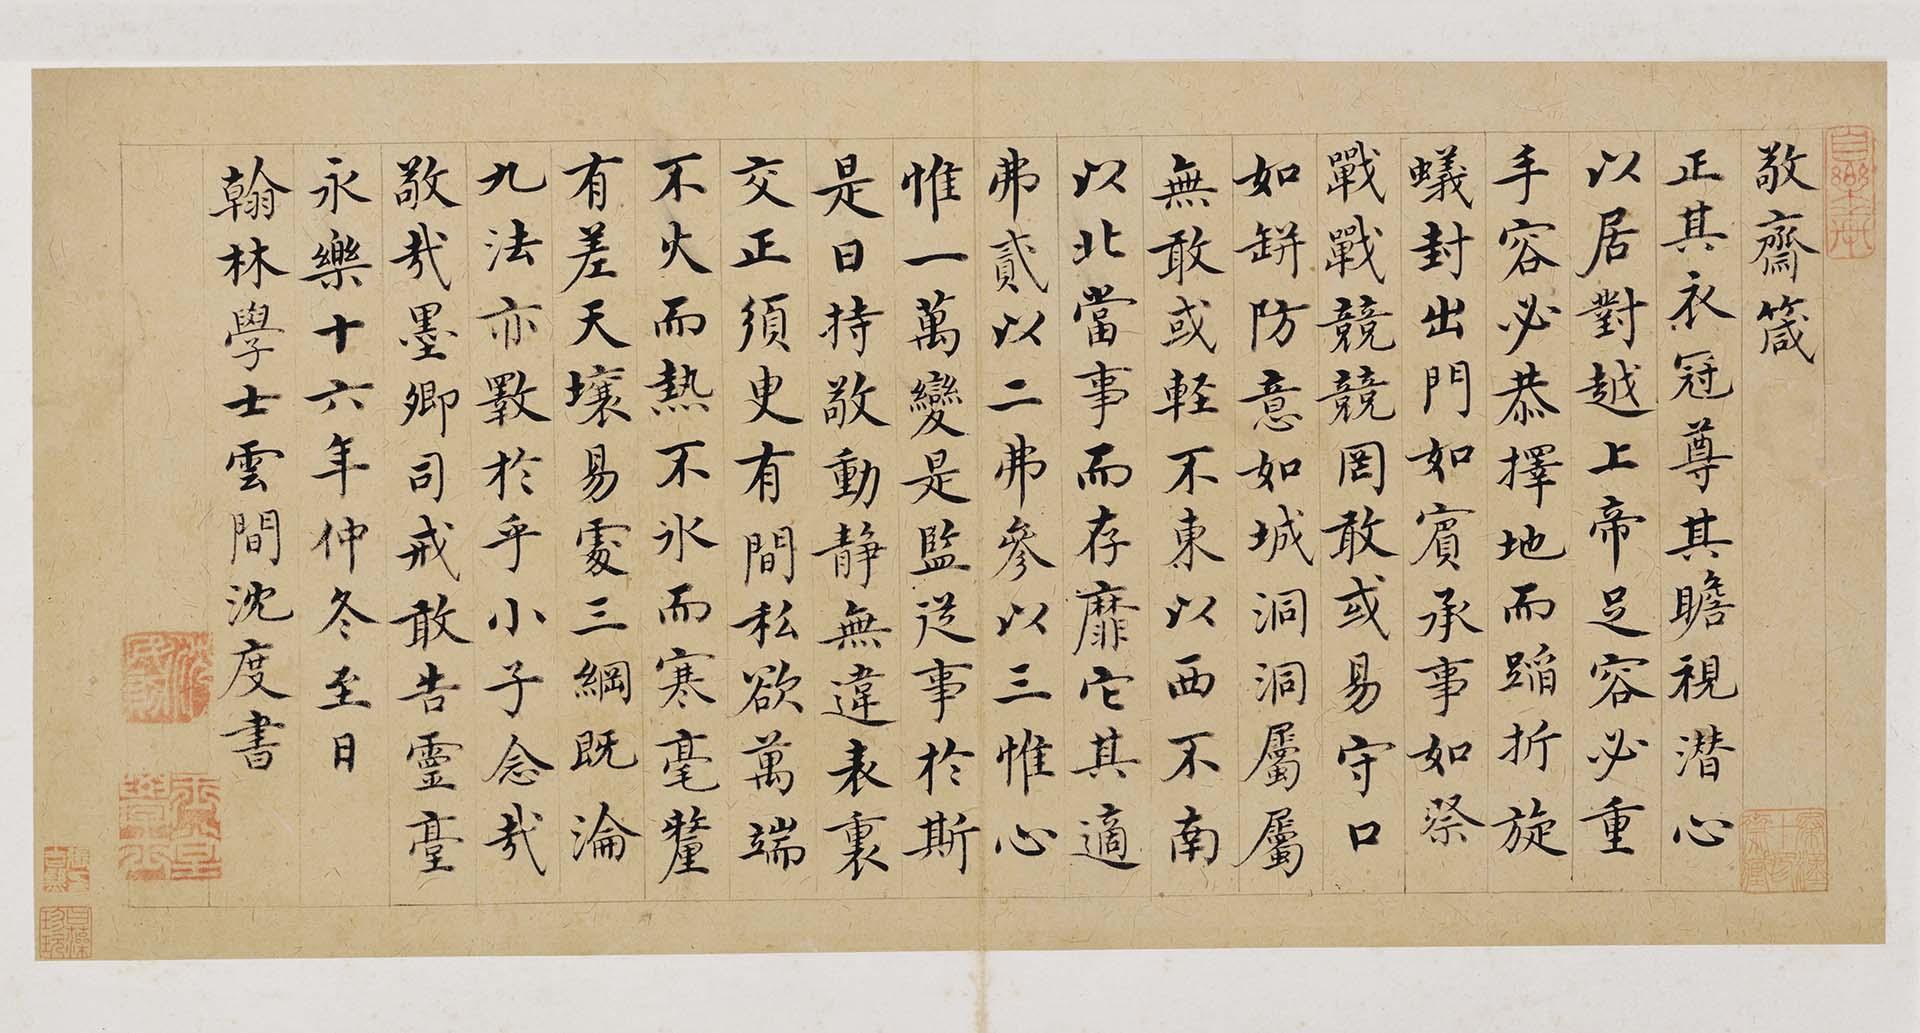 明 沈度 楷书敬斋箴页纸本,纵23.8x49.4北京故宫